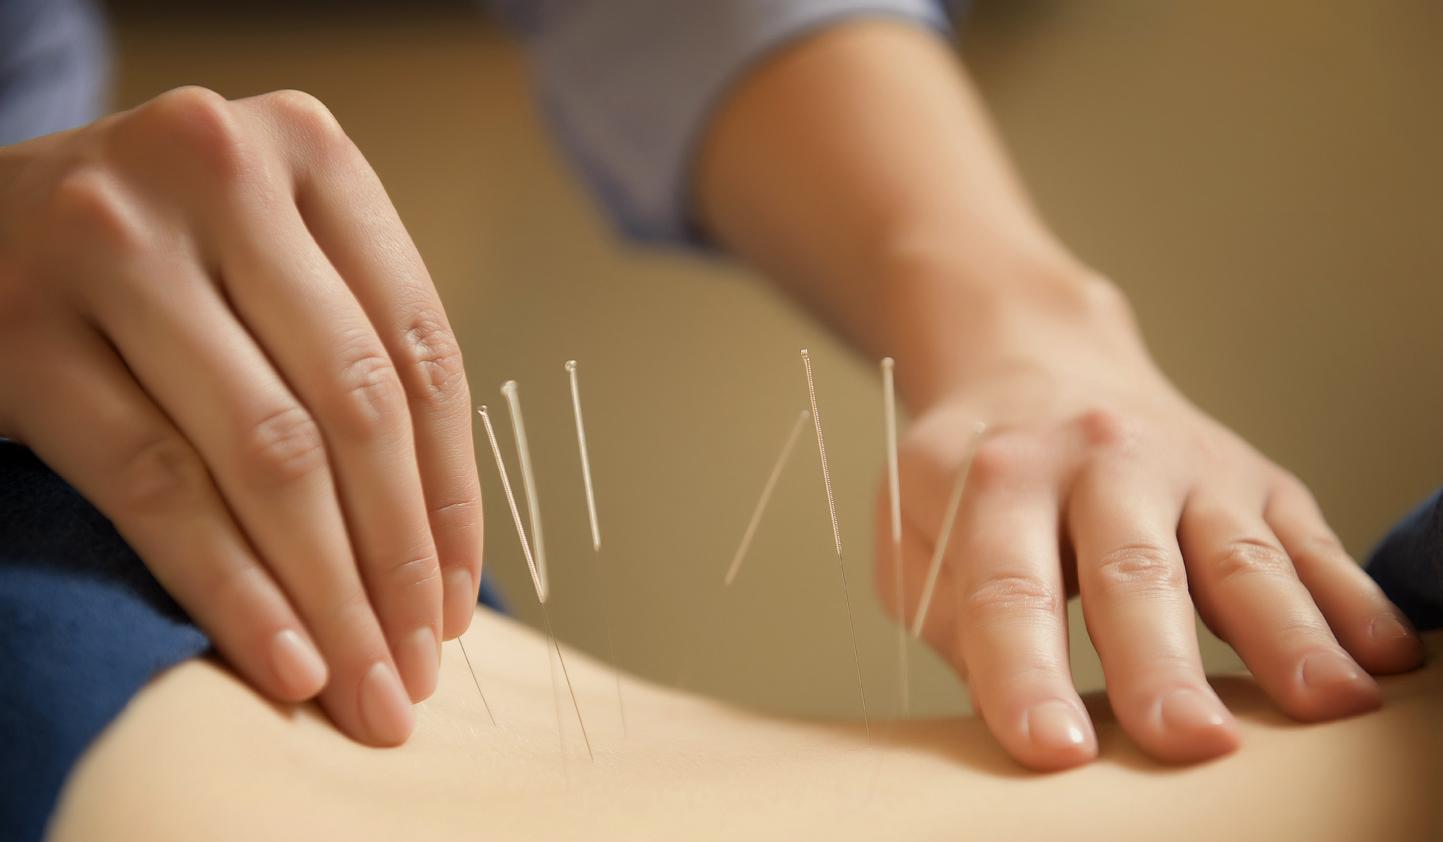 acupuntura fisiatria sao paulo hcfmusp